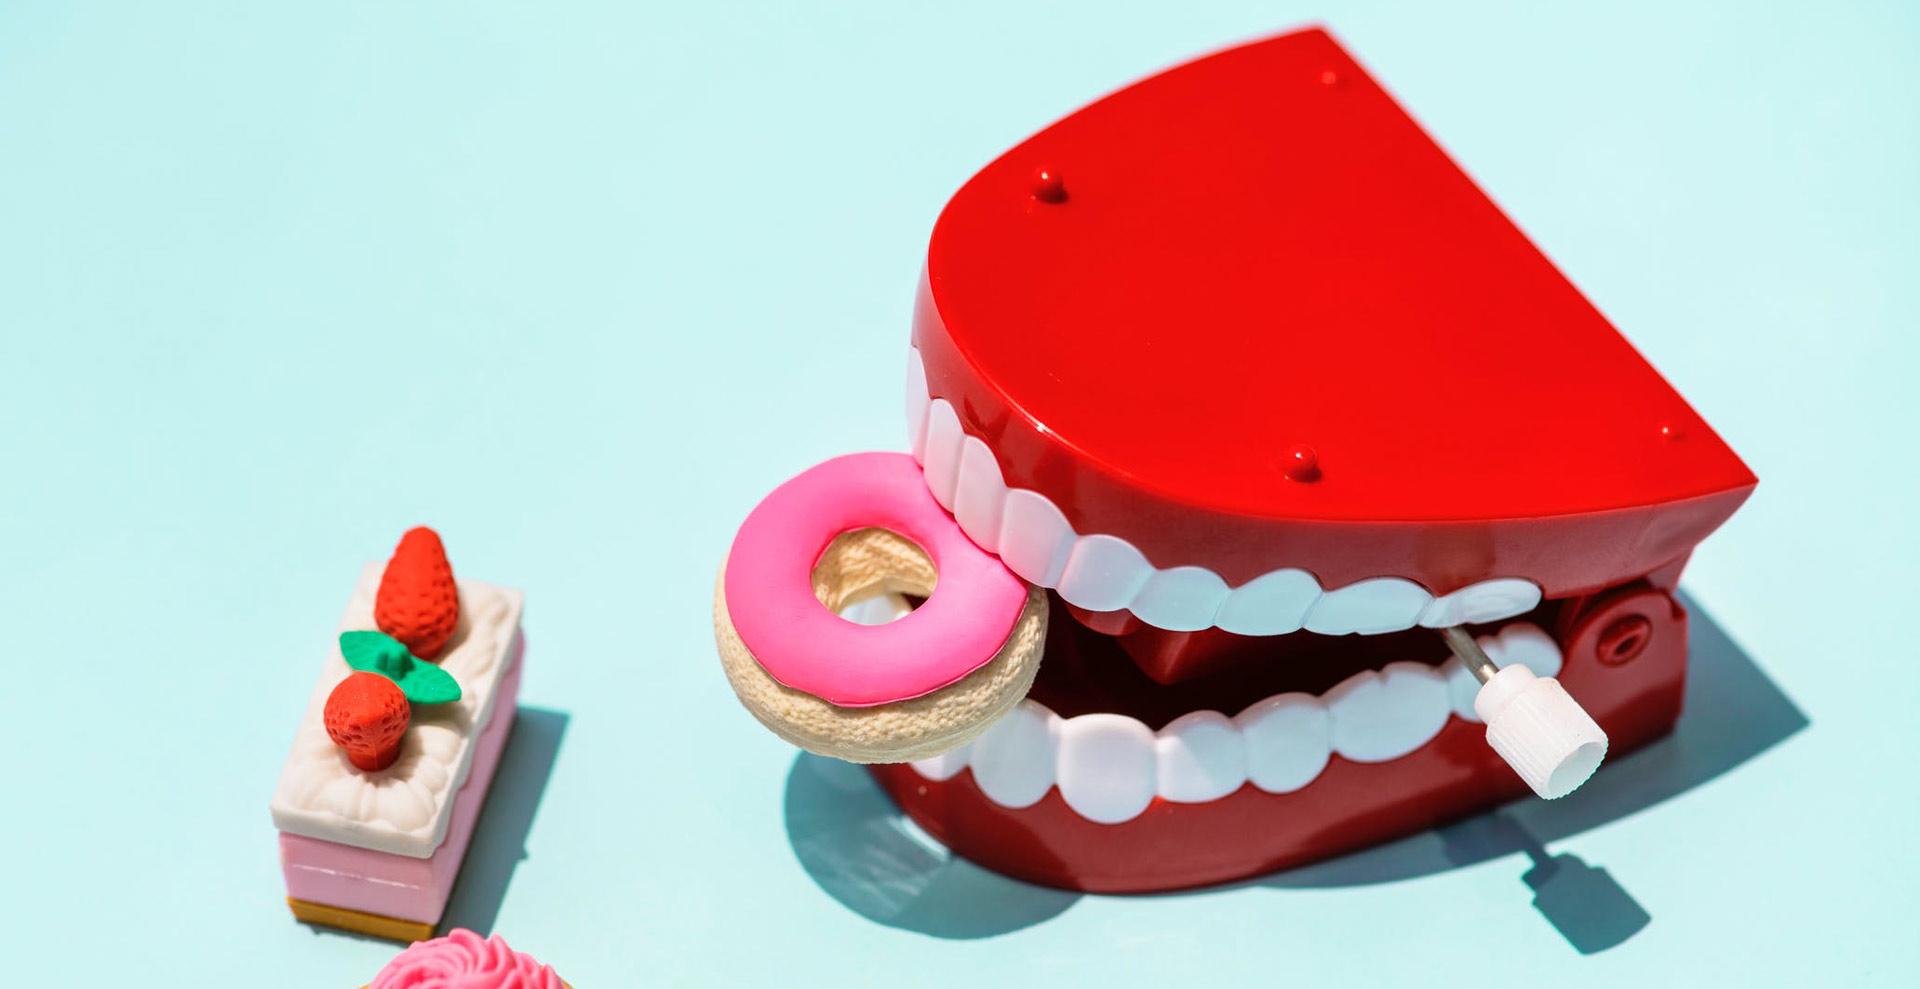 Dentista en Alicante. Clínica dental en Alicante.